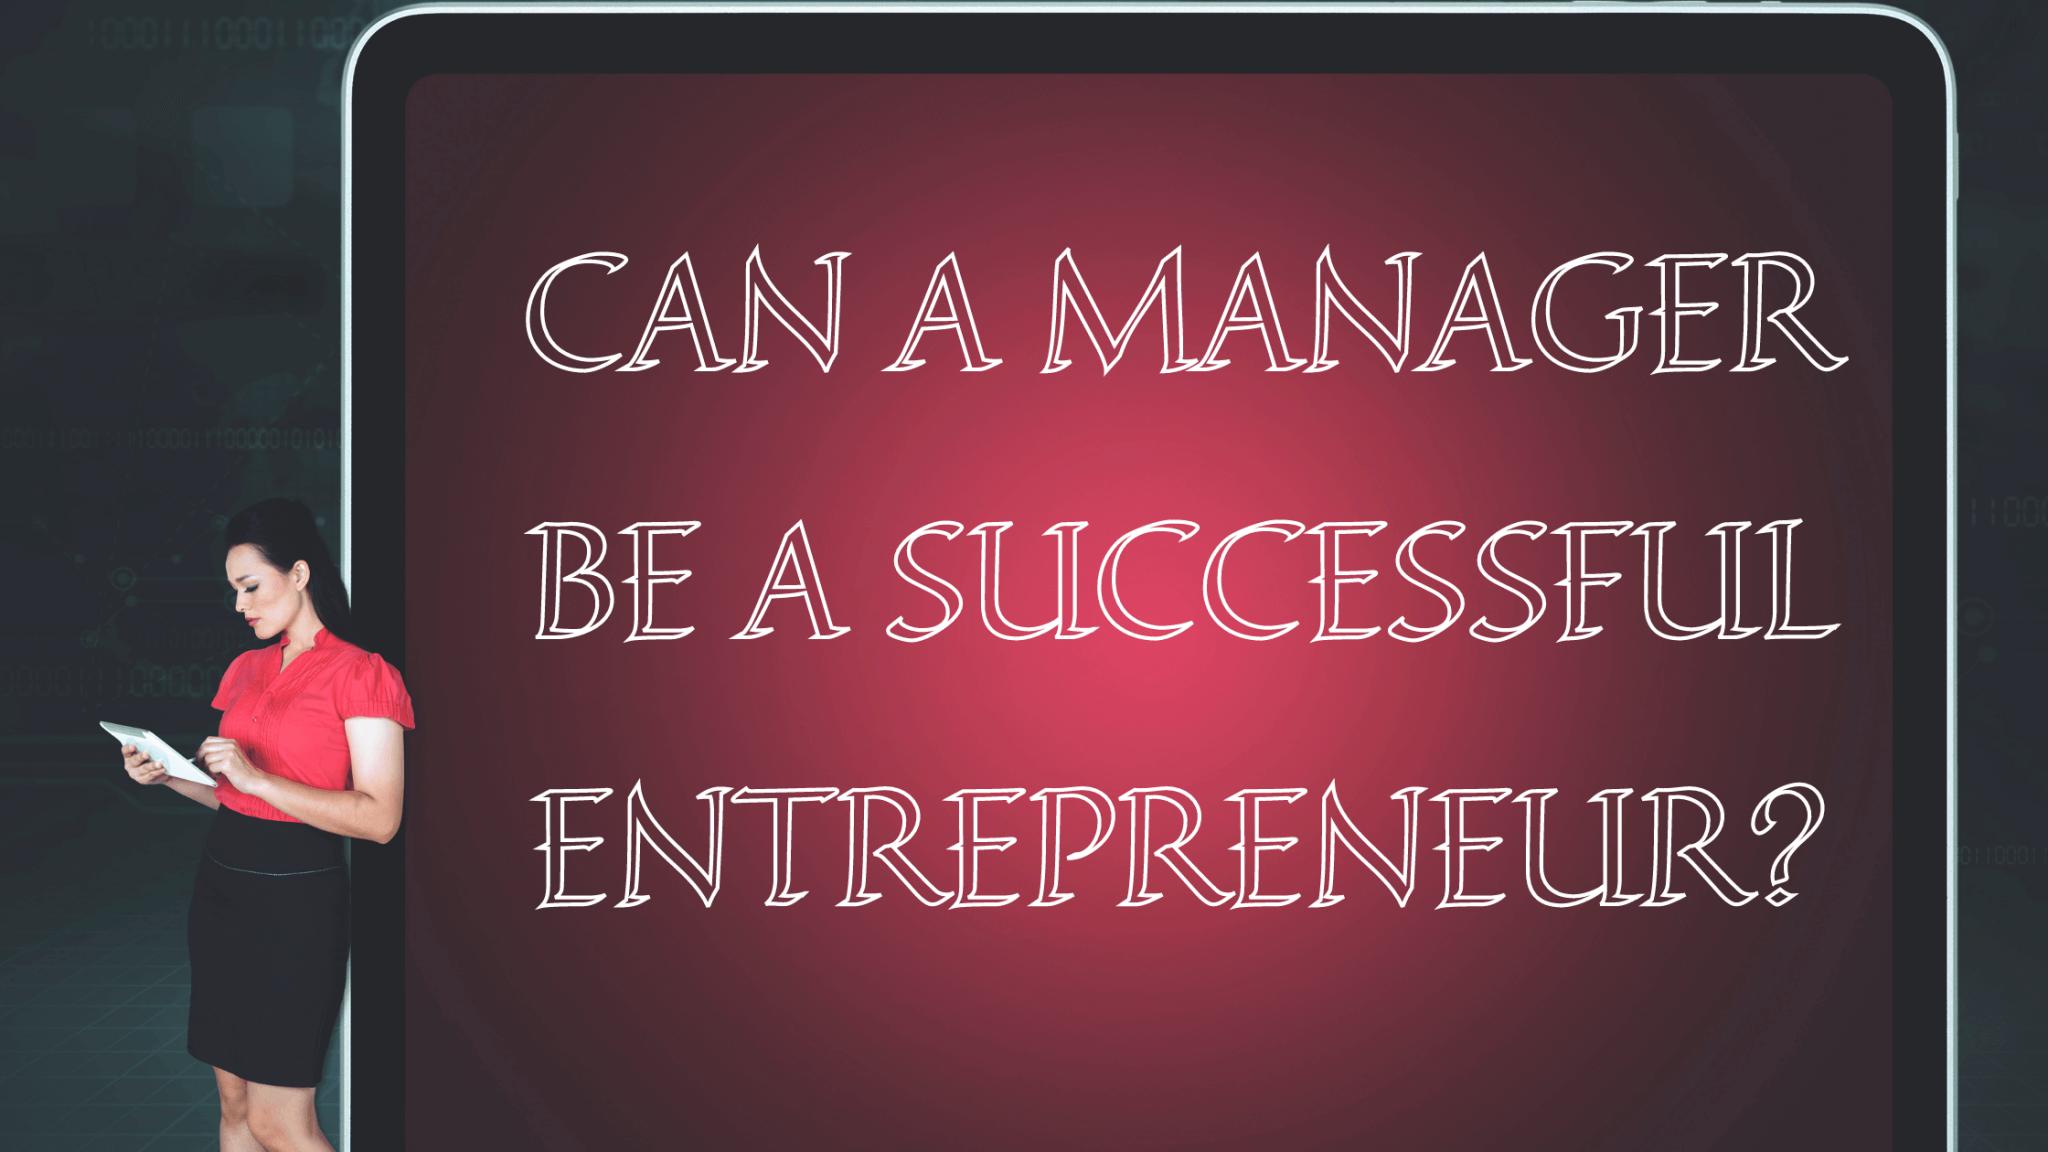 Entrepreneurship vs management